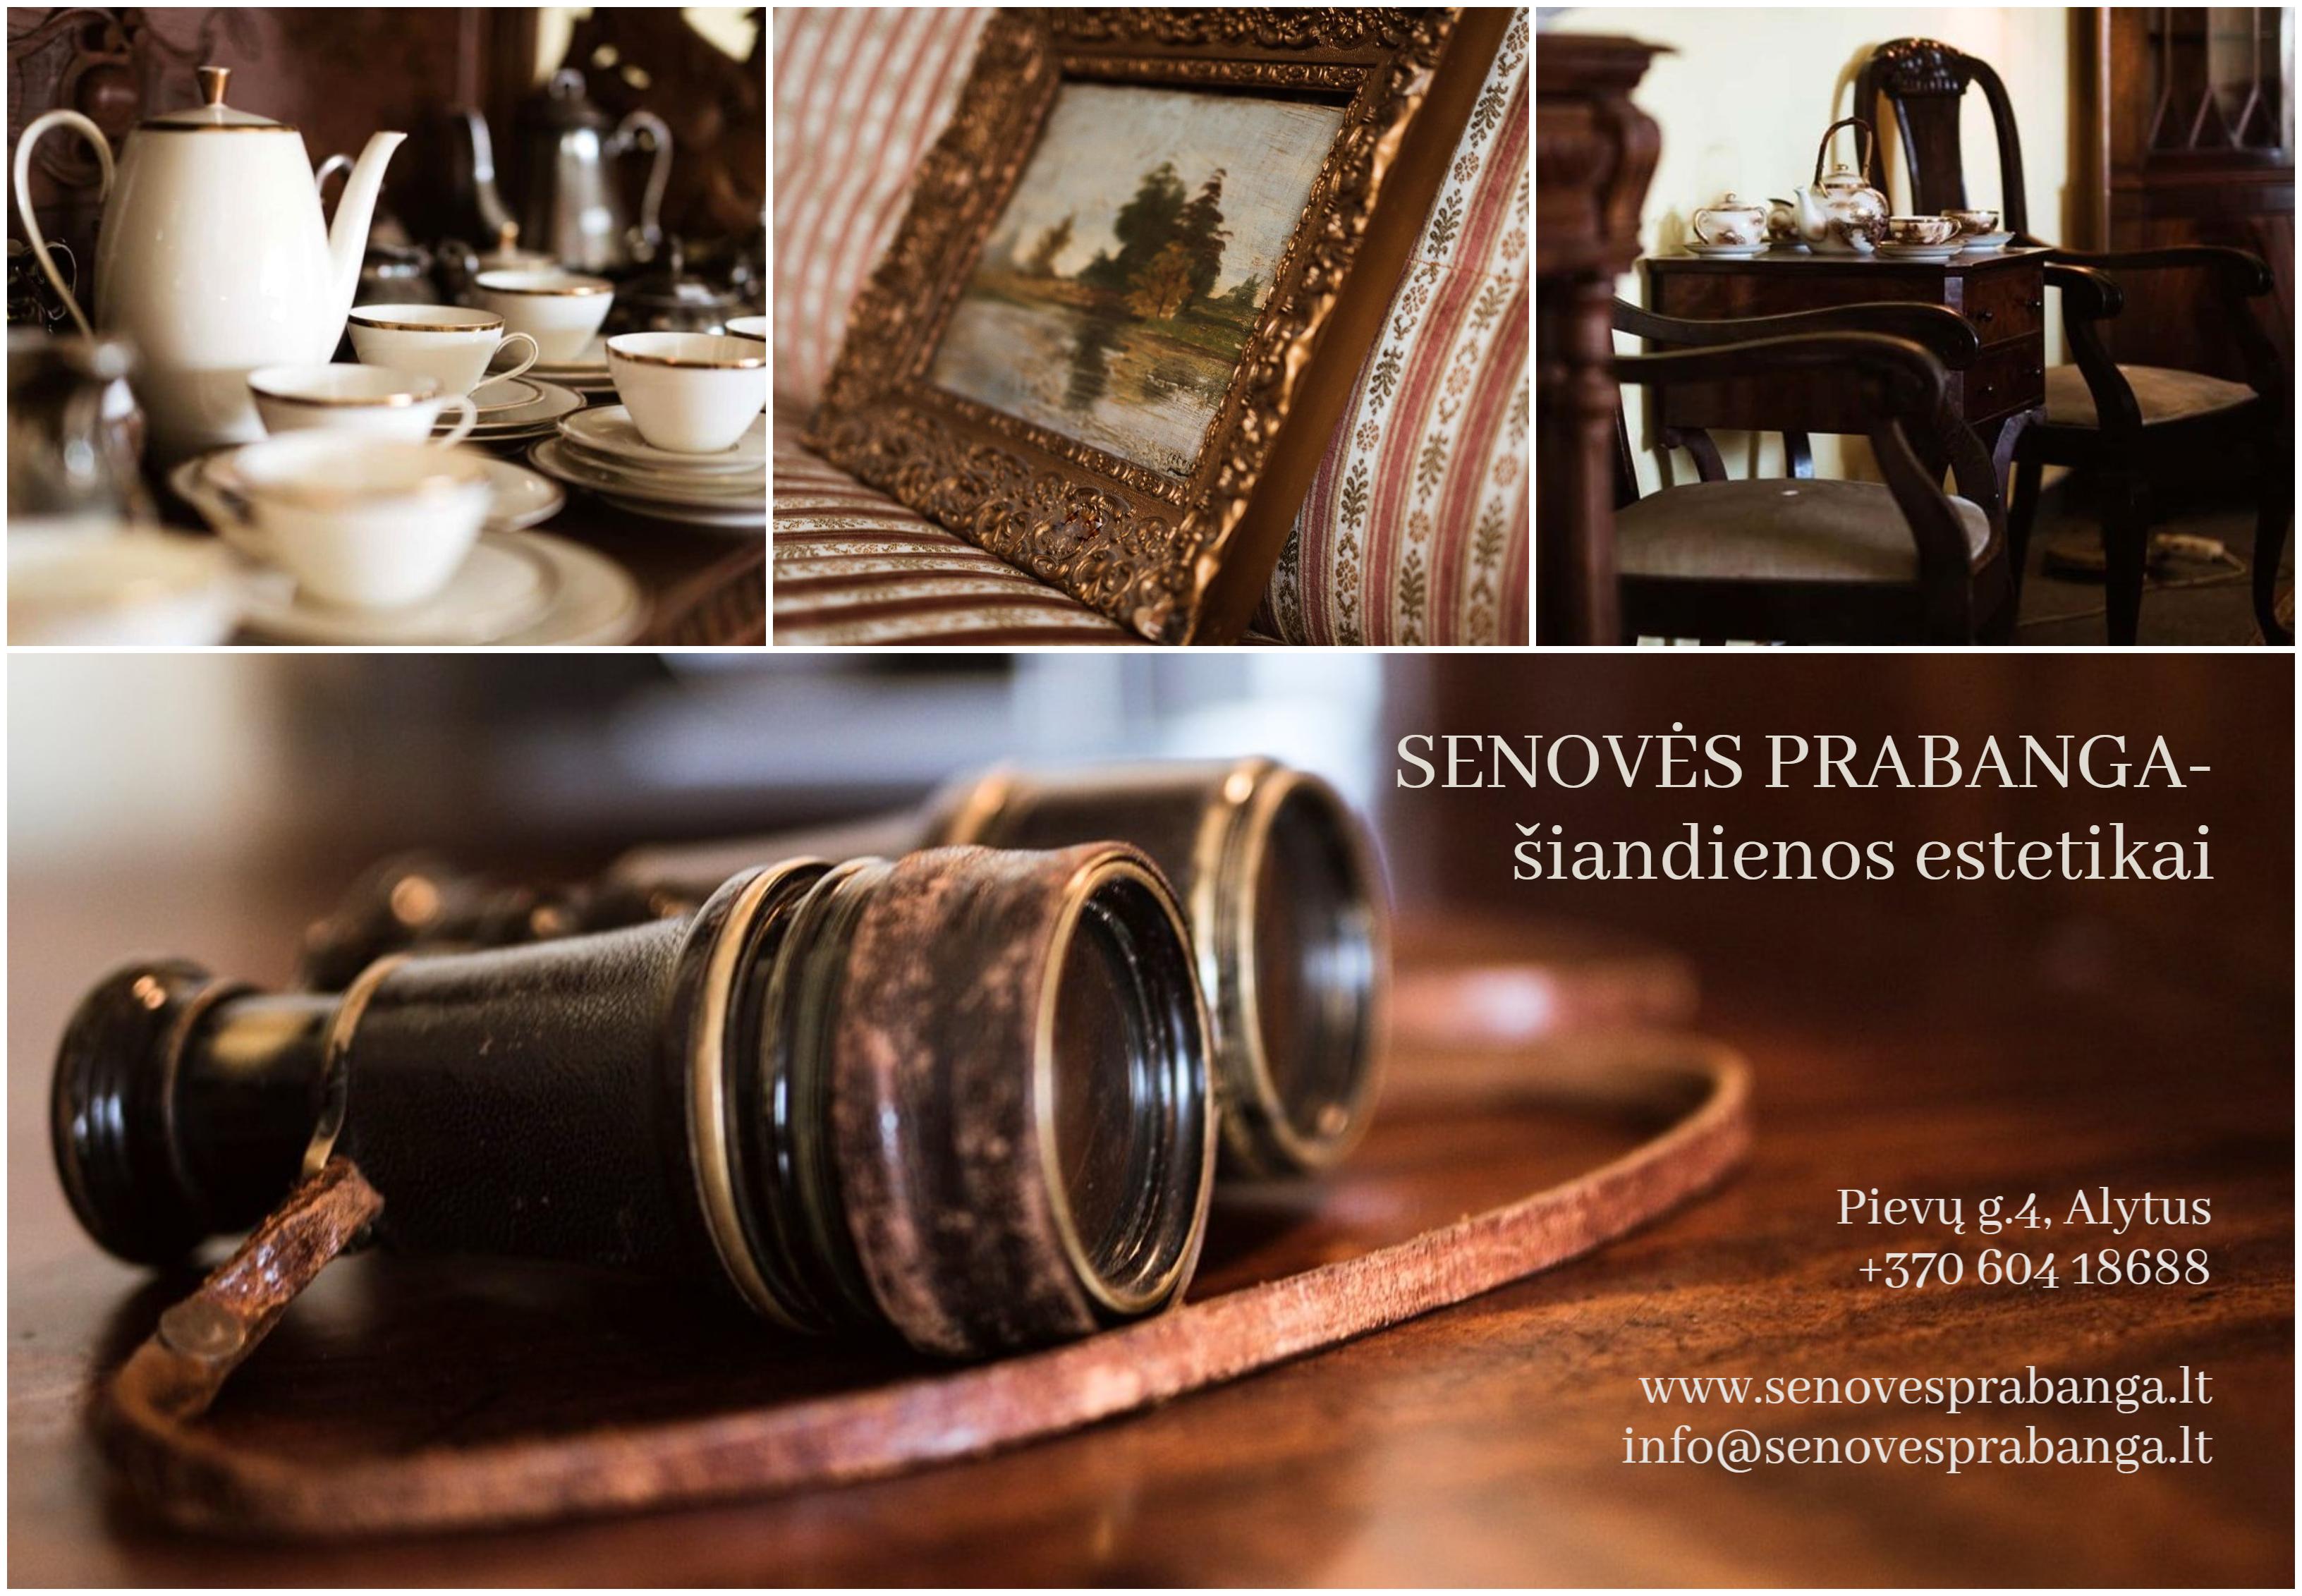 senoves prabanga